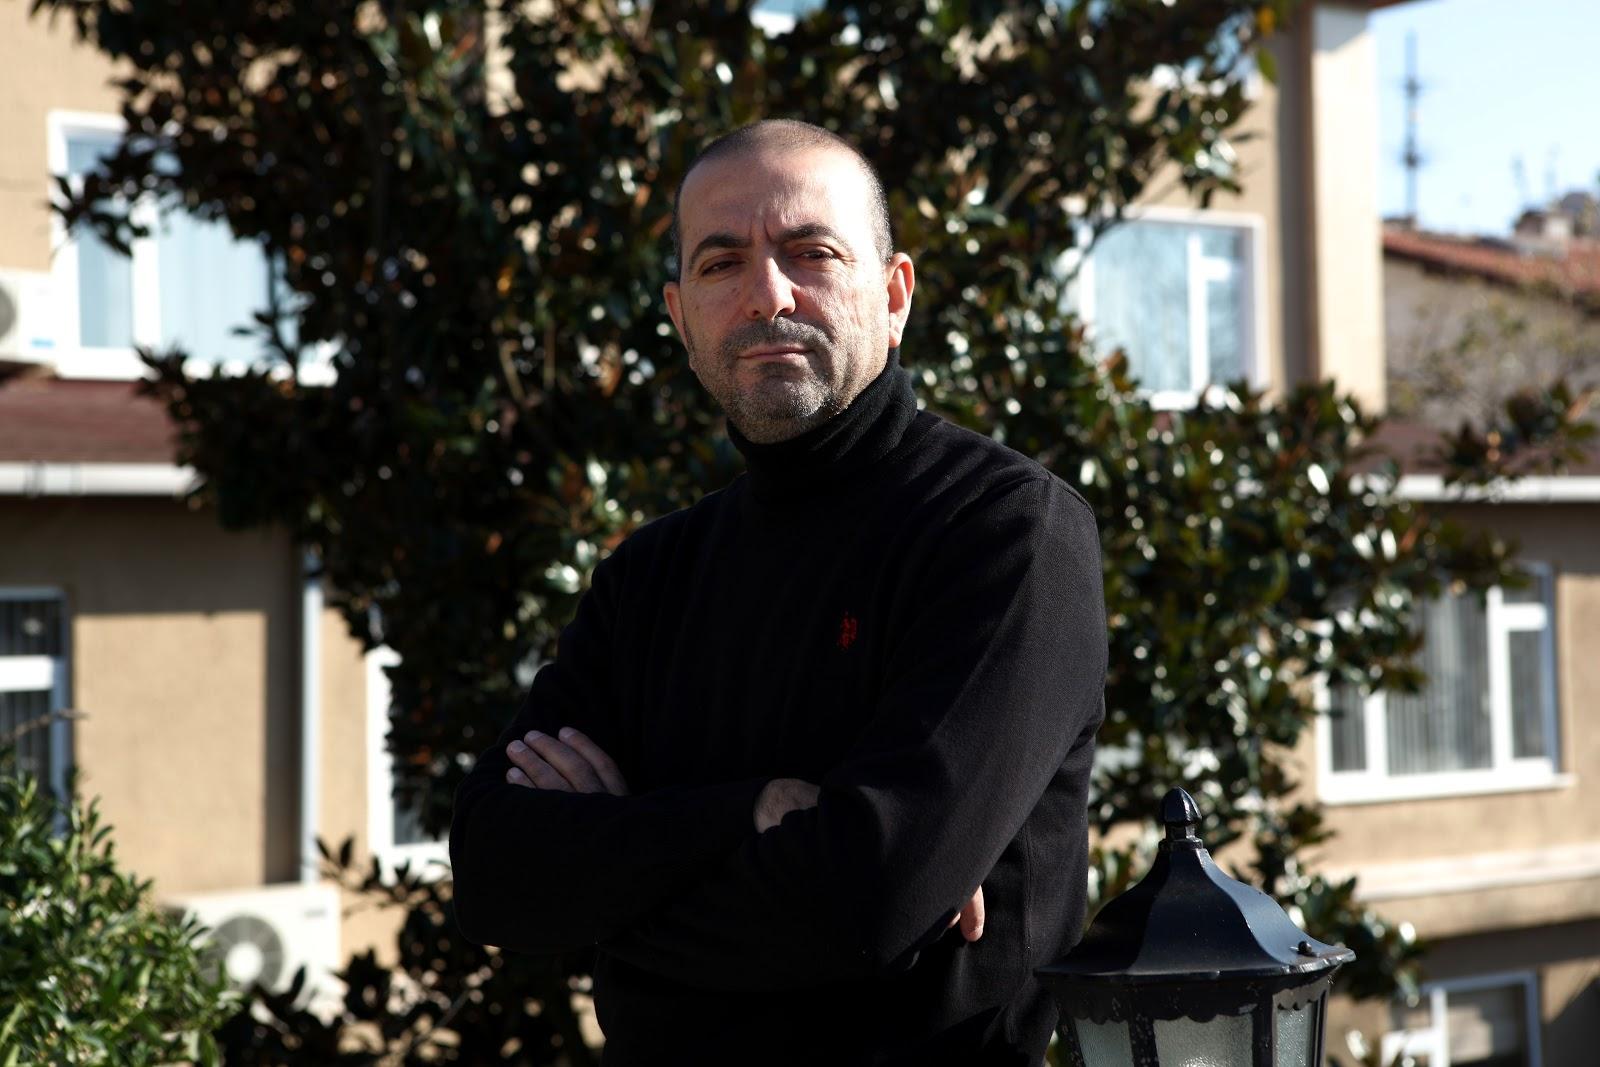 ABC Sihirli Kapsül Teknolojisi ile üretilen yumuşatıcılar devrim yaratıyor 34